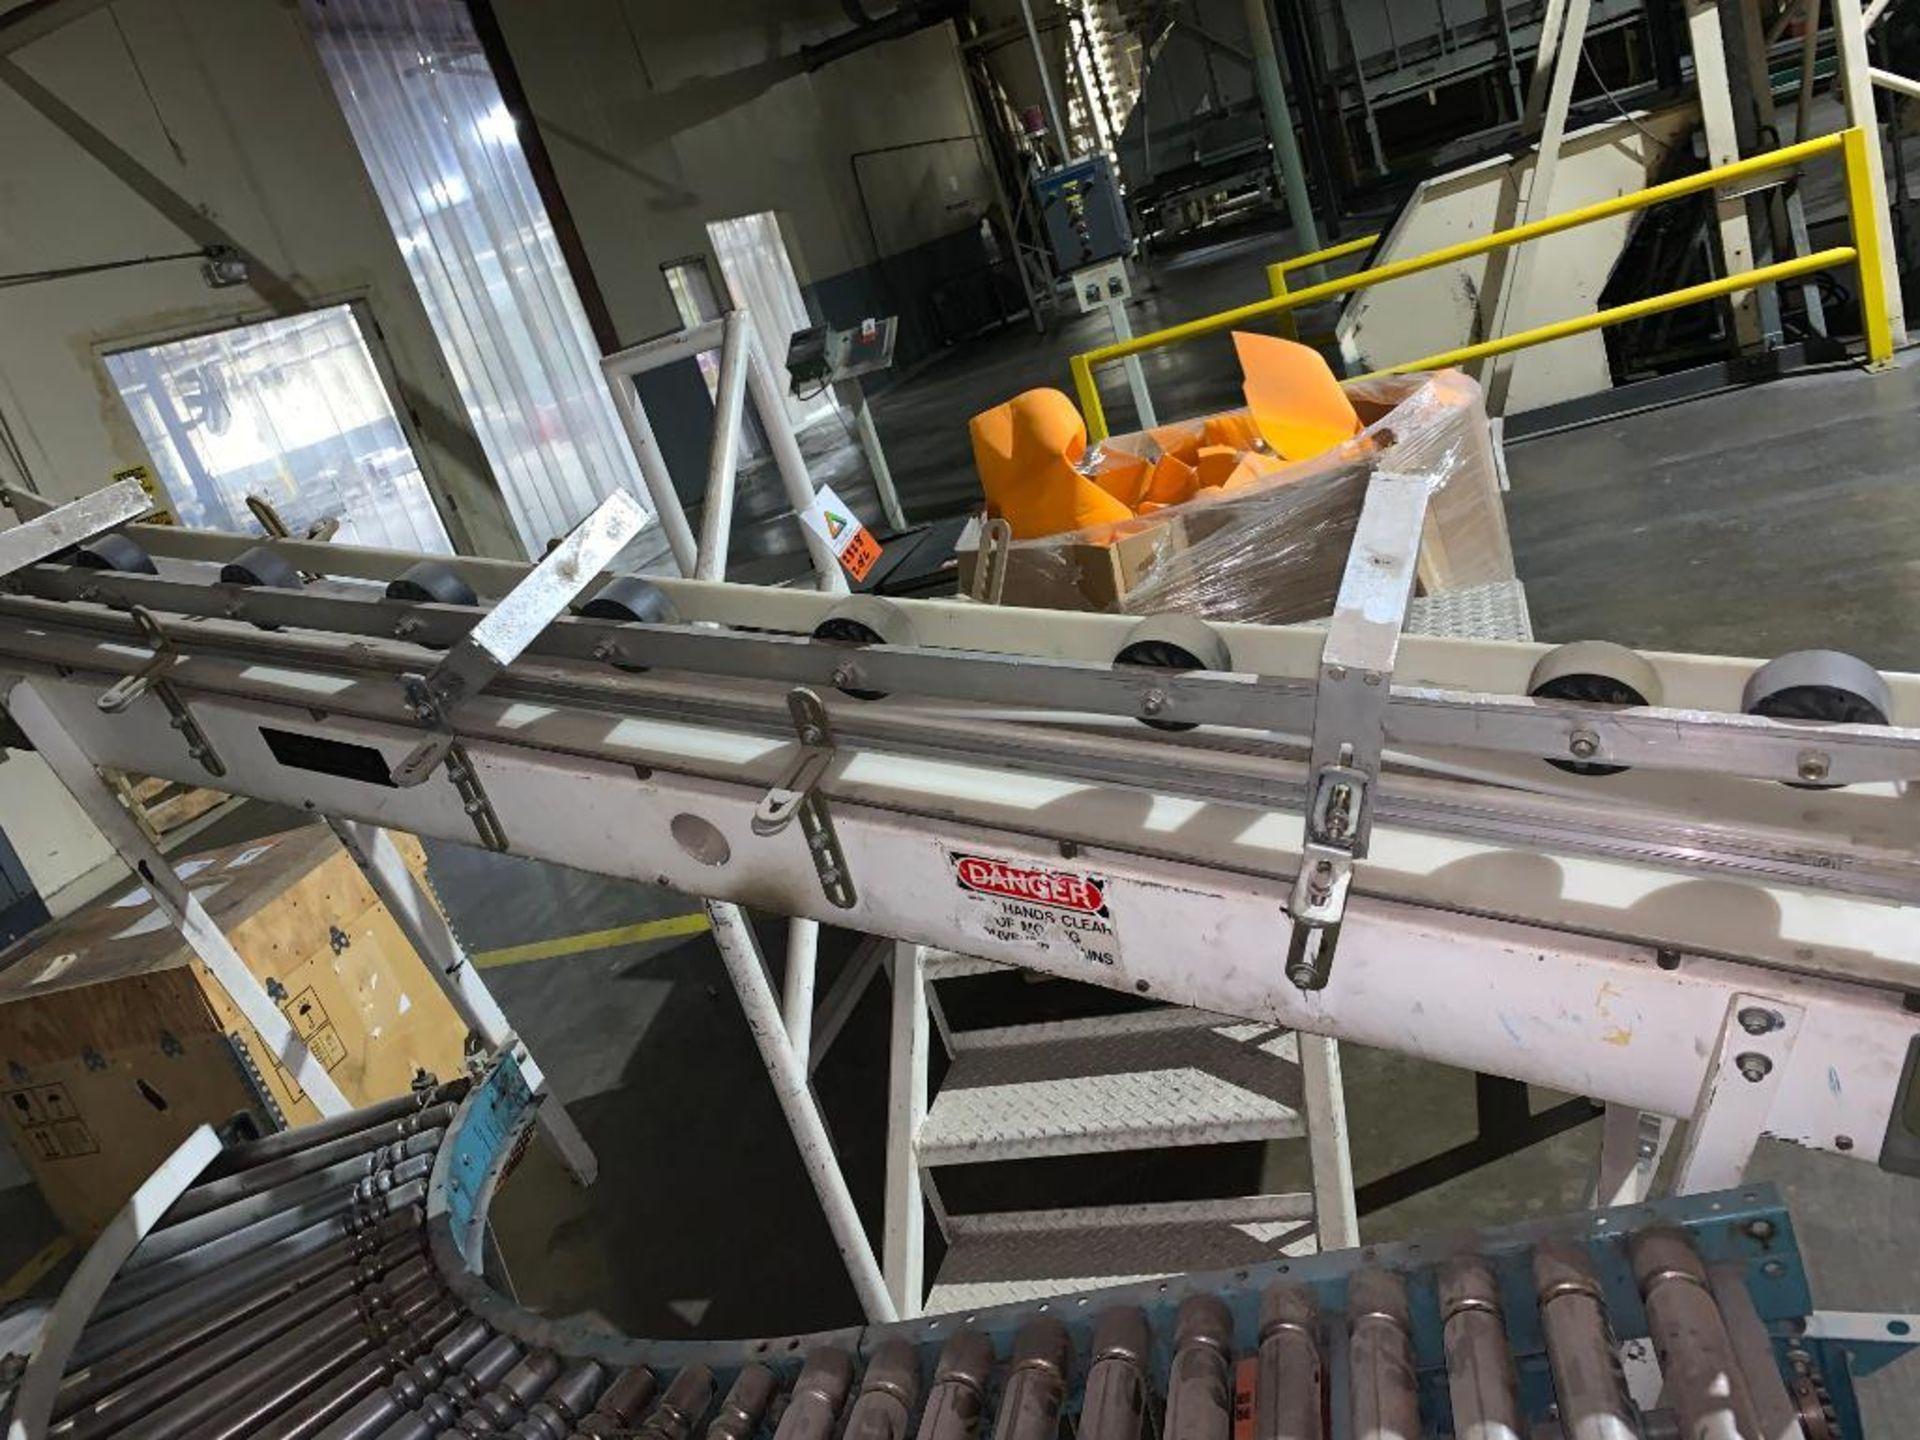 (4) pieces of miscellaneous conveyor